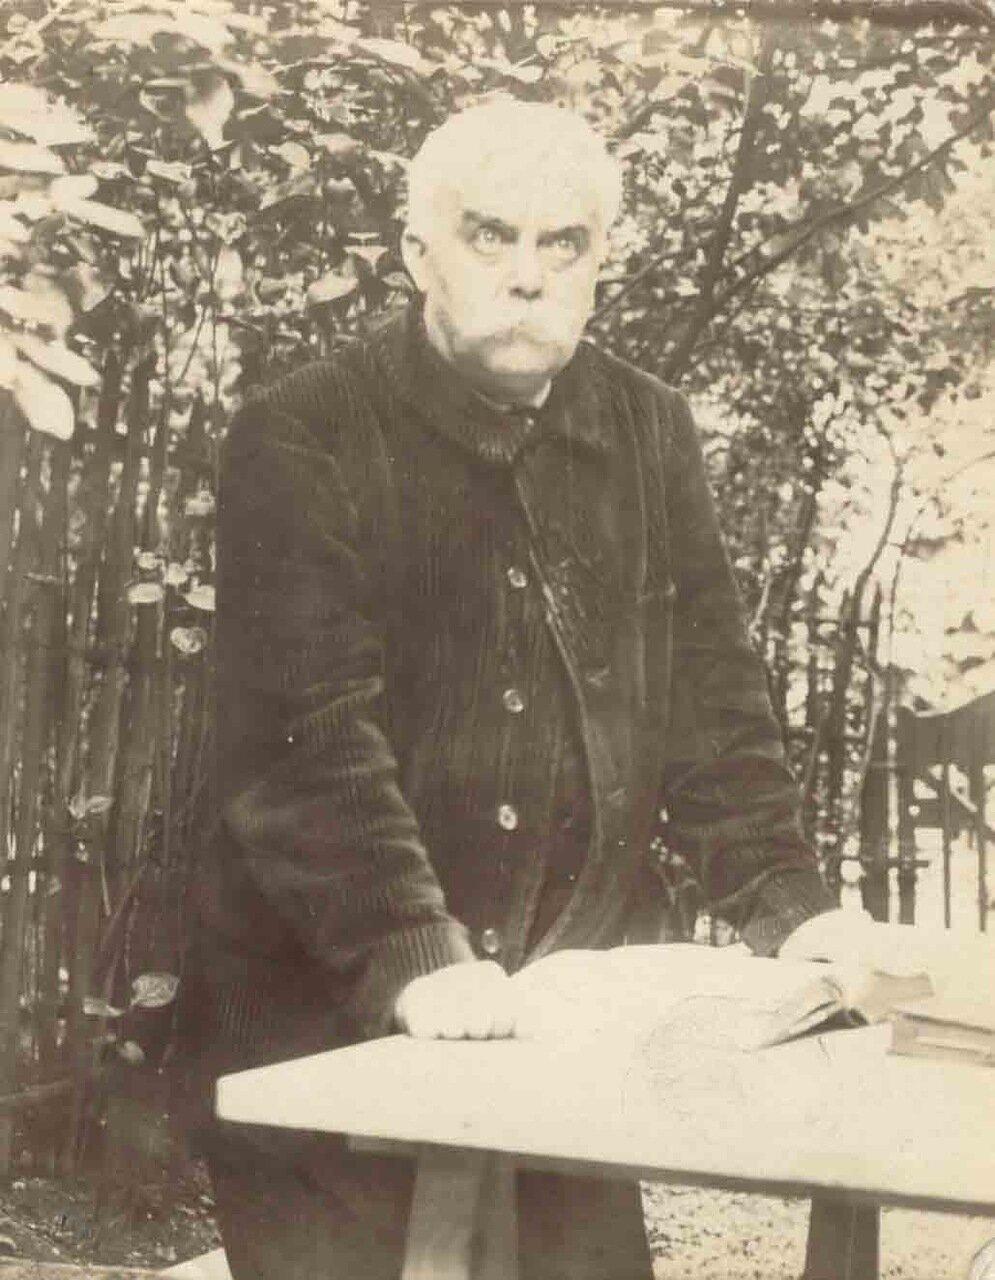 Леон Блуа (11 июля 1846 - 3 ноября 1917), французский писатель